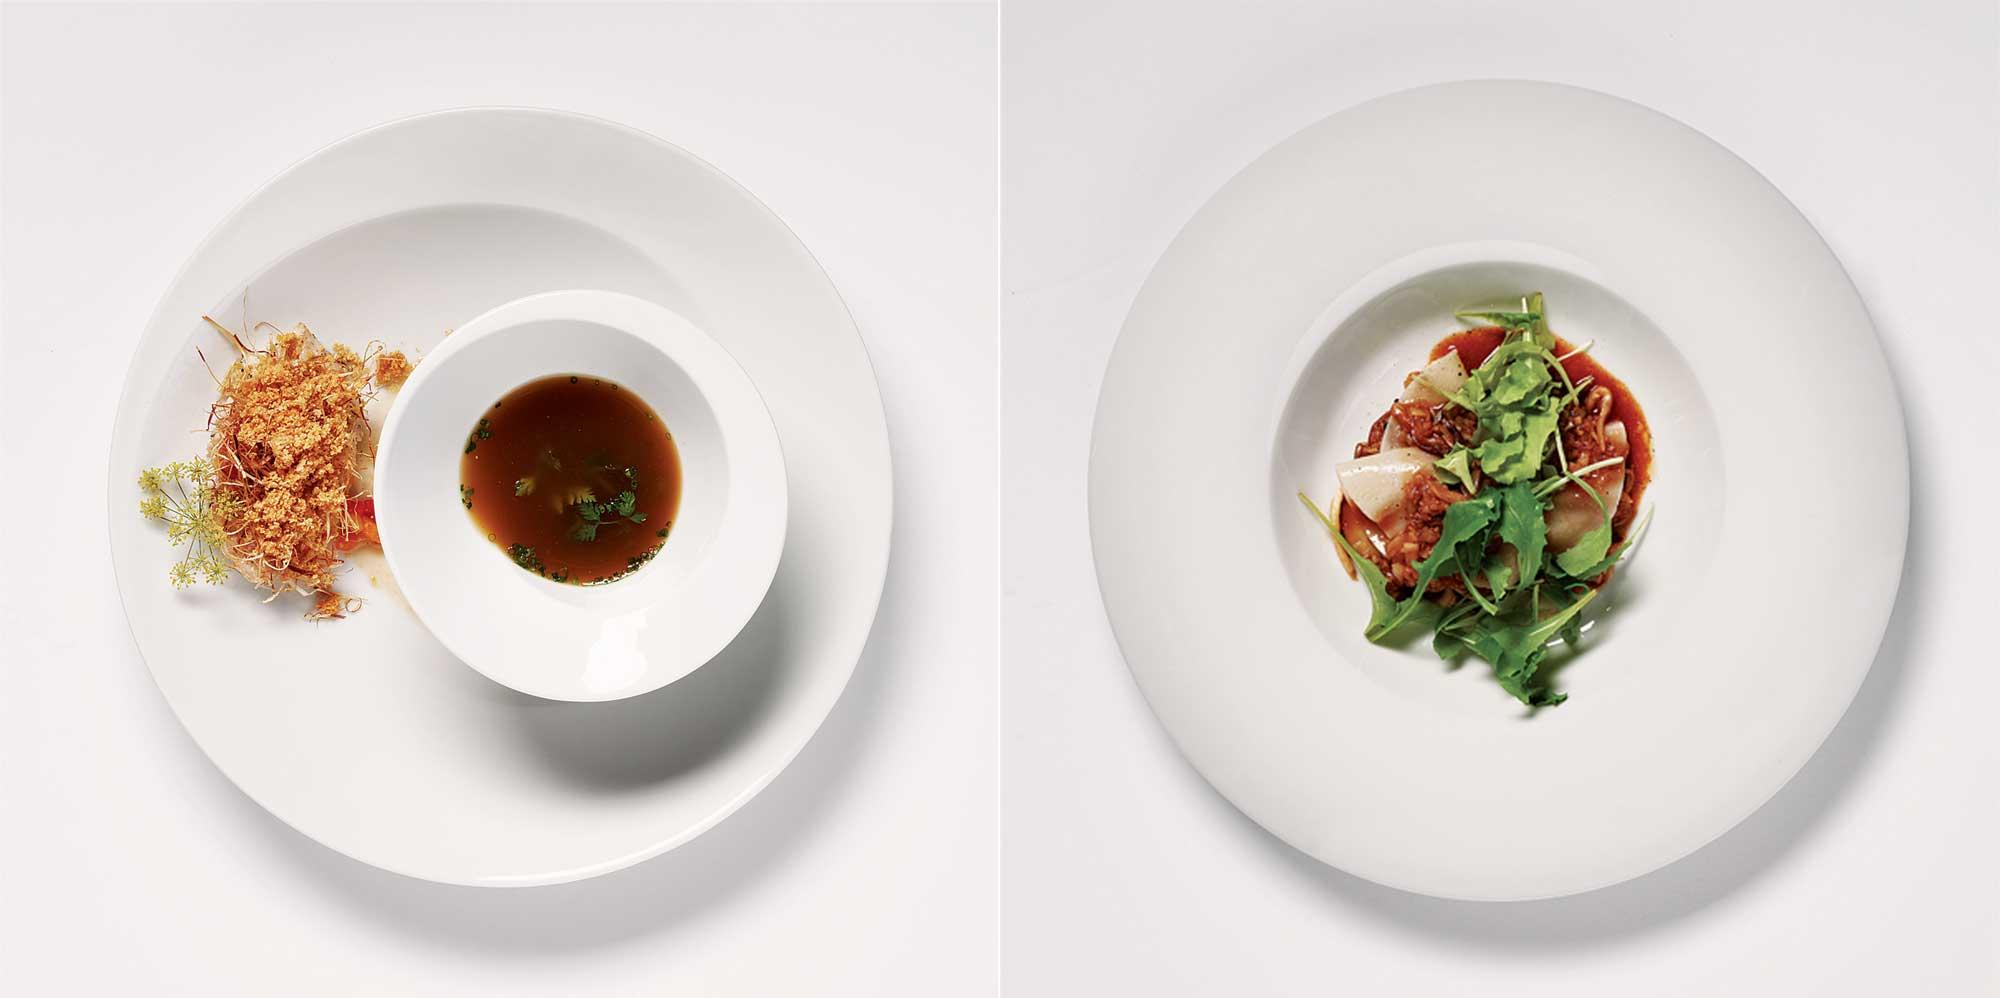 (왼쪽부터)부산에서 올라온 존도리로, 바삭한 파튀김과 마늘파우더의 진한 풍미와 촉촉한 존도리가 잘 어우러진다. 베이컨 콩소메에 적셔 먹으면 중화요리의 풍미를 느낄 수 있다. / 버섯라자냐는 오픈형 만두로, 달달한 버섯불고기 맛과 쫀득한 만두피의 식감이 인상적이다. 기름지거나 느끼하지 않다. ©심윤석, 양성모